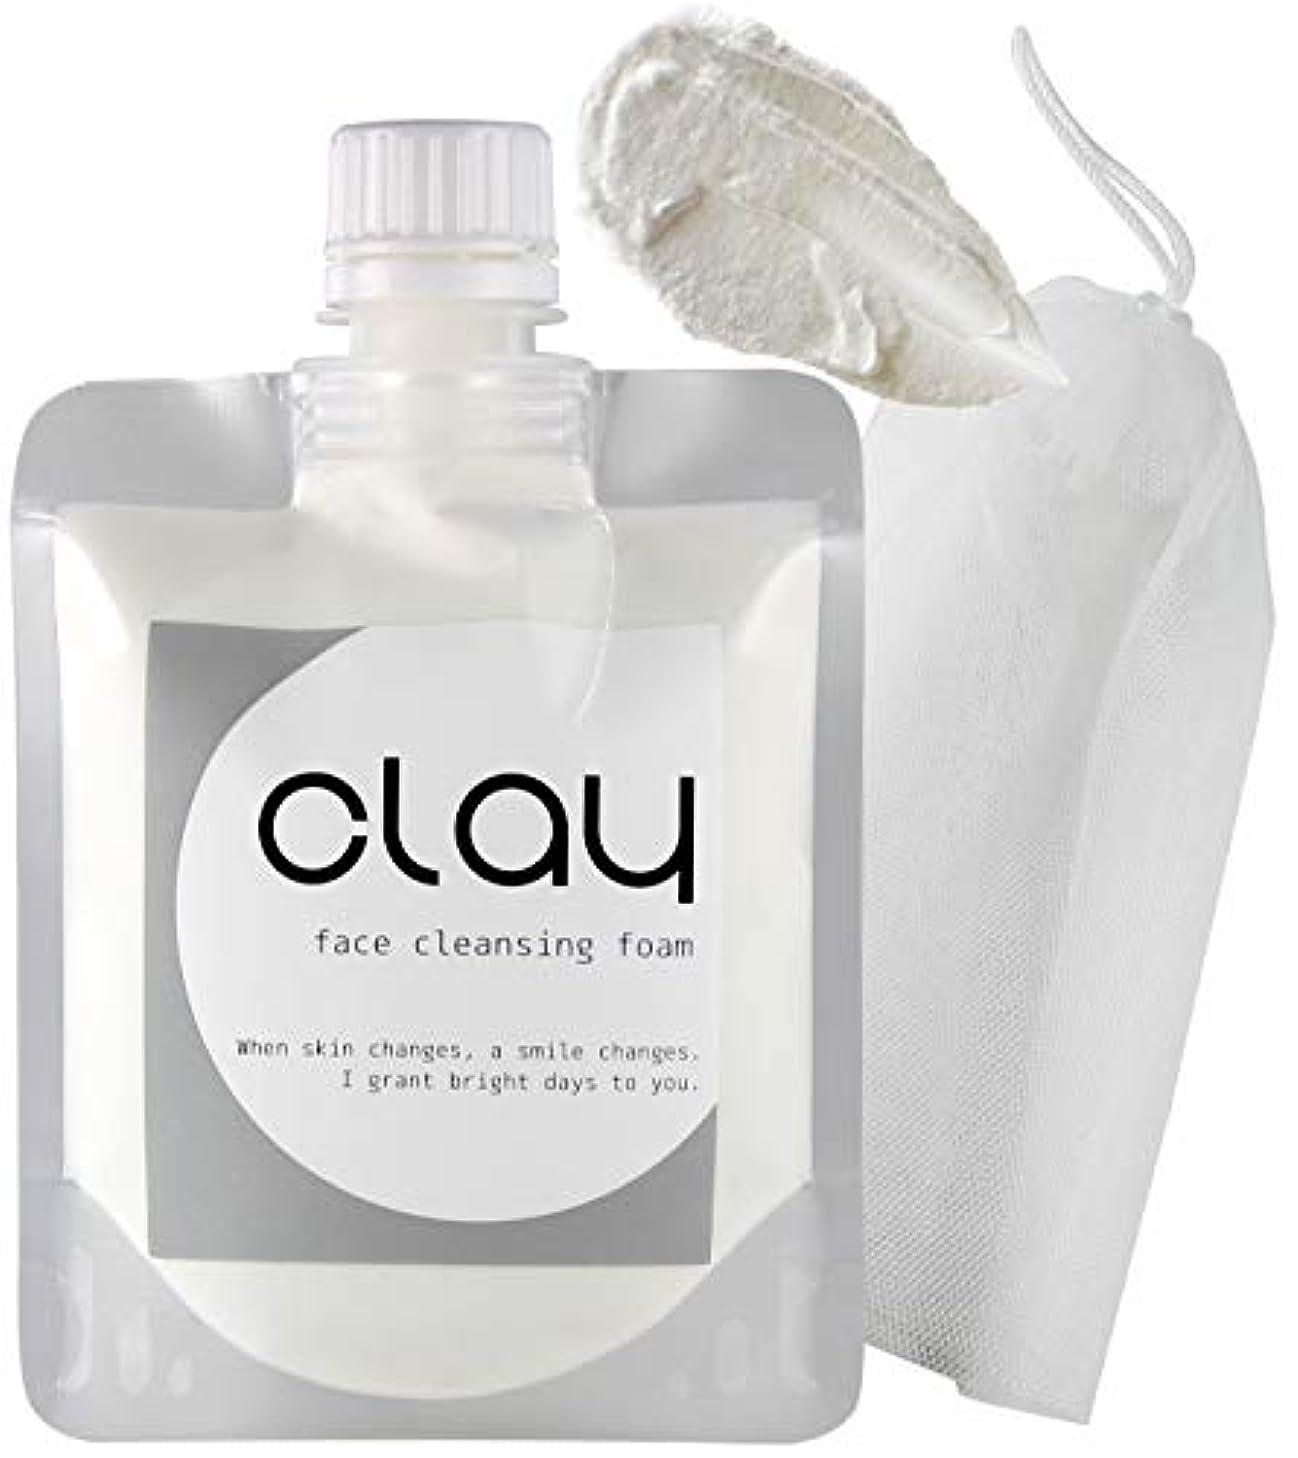 けん引競争幹STAR'S クレイ 泥 洗顔 オーガニック 【 毛穴 黒ずみ 開き ザラ付き 用】「 泡 ネット 付き」 40種類の植物エキス 16種類の美容成分 9つの無添加 透明感 柔肌 130g (Clay)